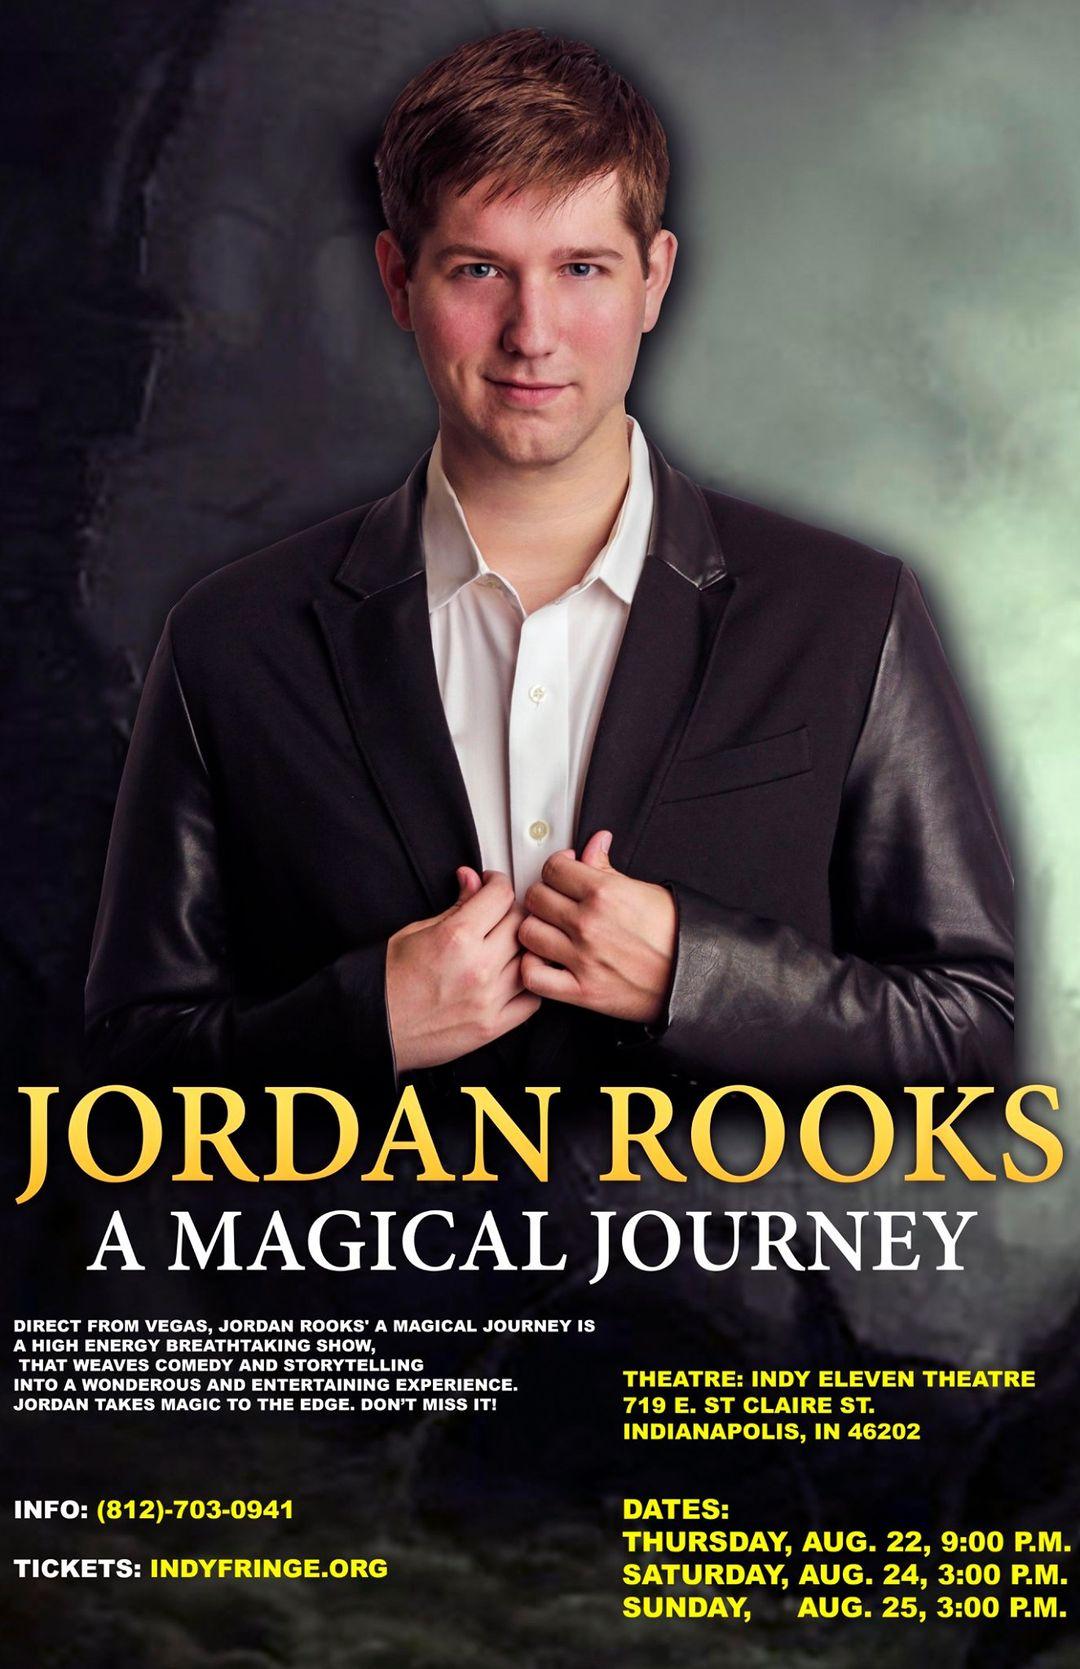 Jordan Rooks